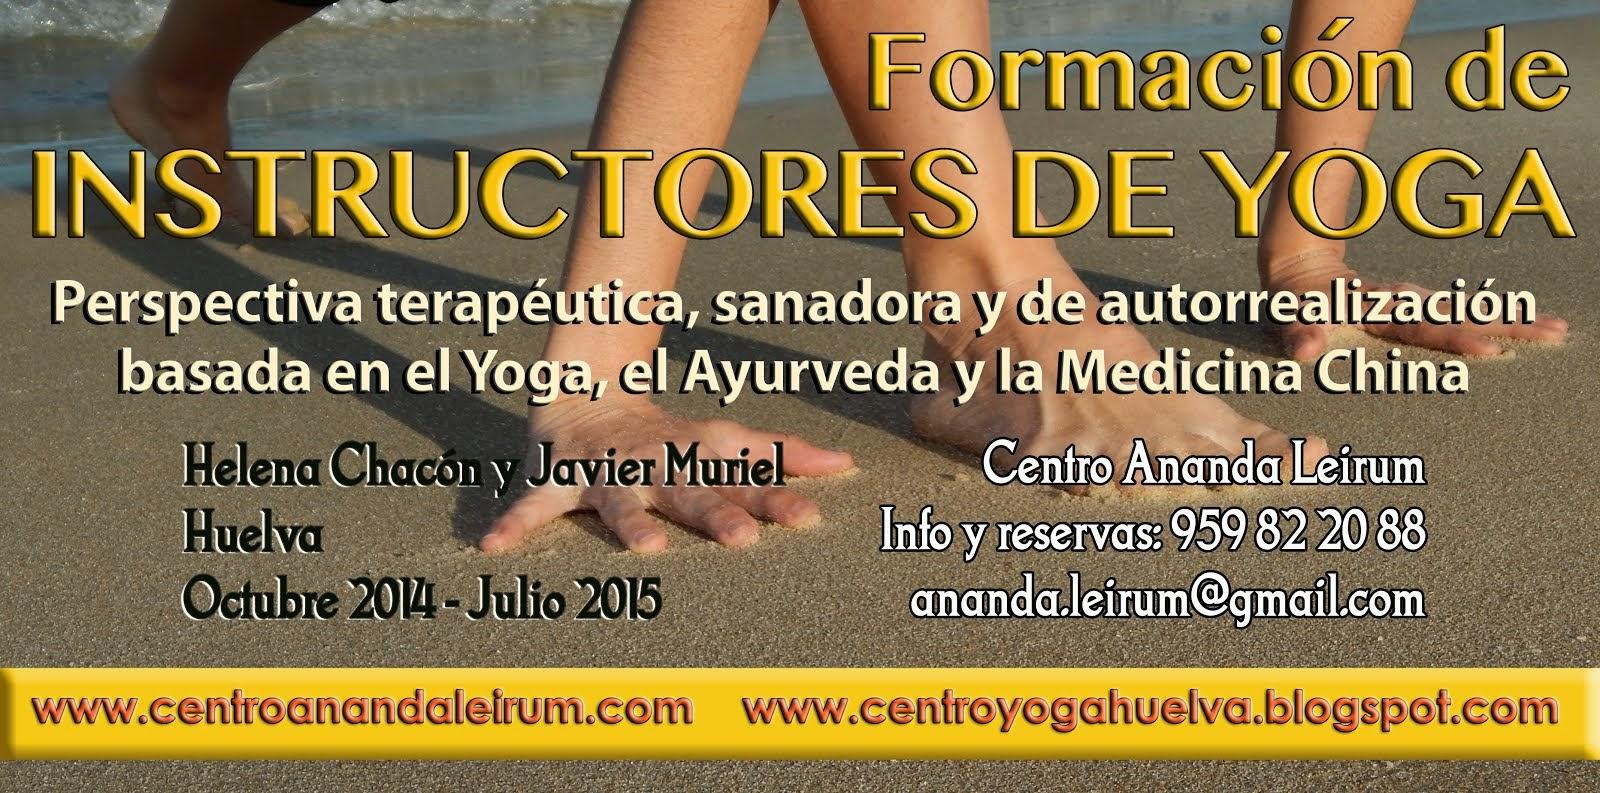 YOGA y MEDITACIÓN en Huelva (Ananda Leirum);Clases grupales y ...